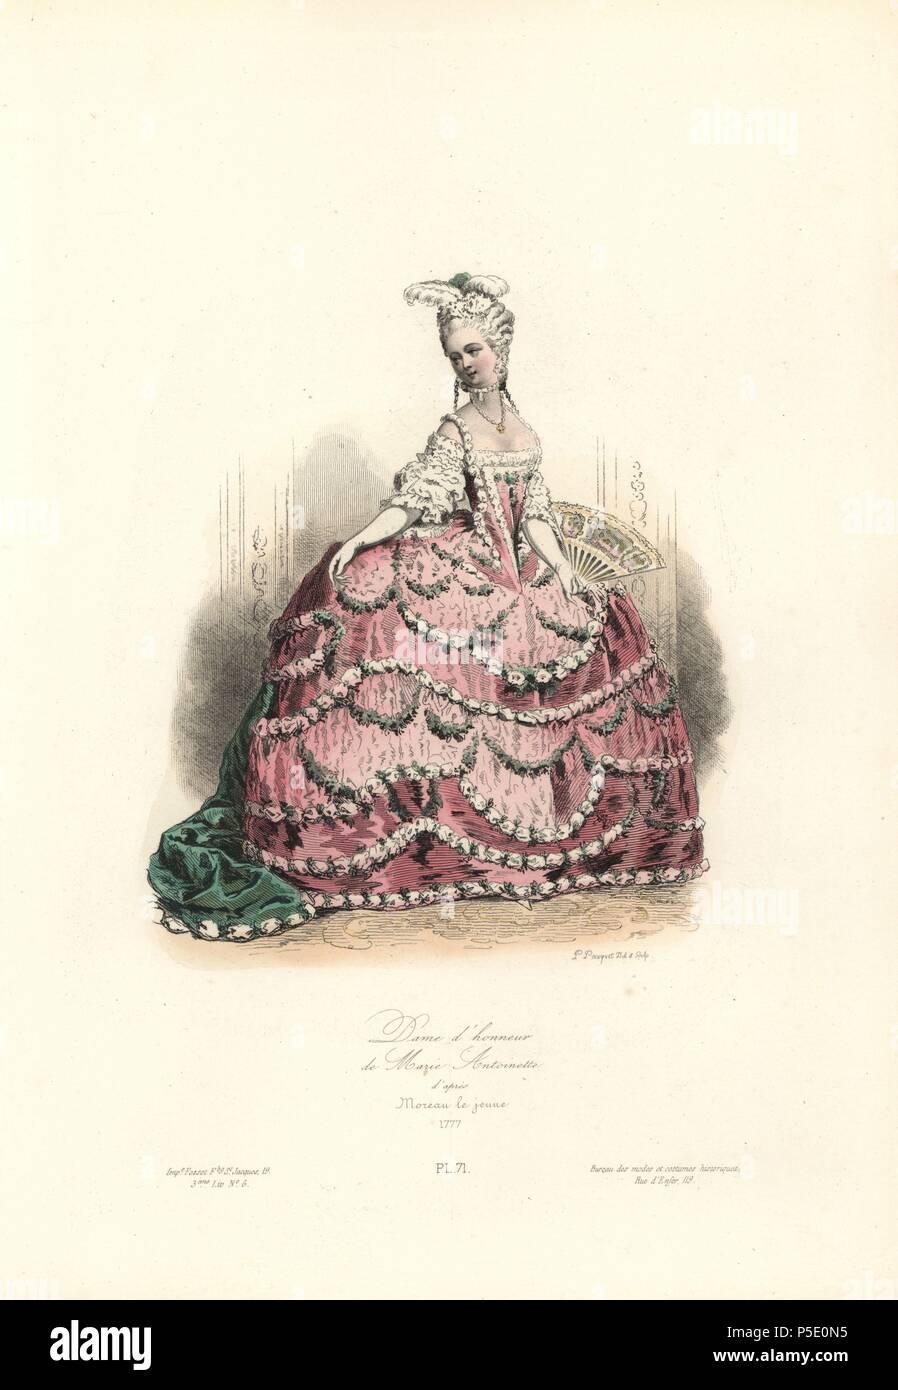 ec807afa4e54 Dama de honor de María Antonieta, 1777. Handcolored acero grabado por  pulidor Pauquet después Moreau el ...